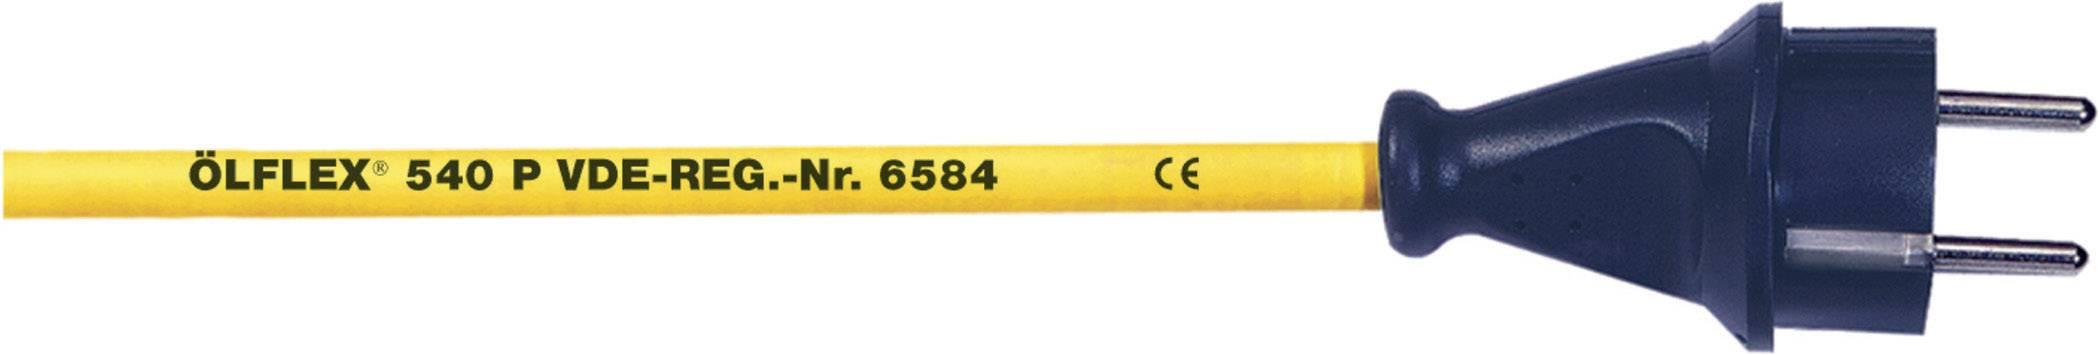 Připojovací kabel NETZFLEXR 3G0,75 5000